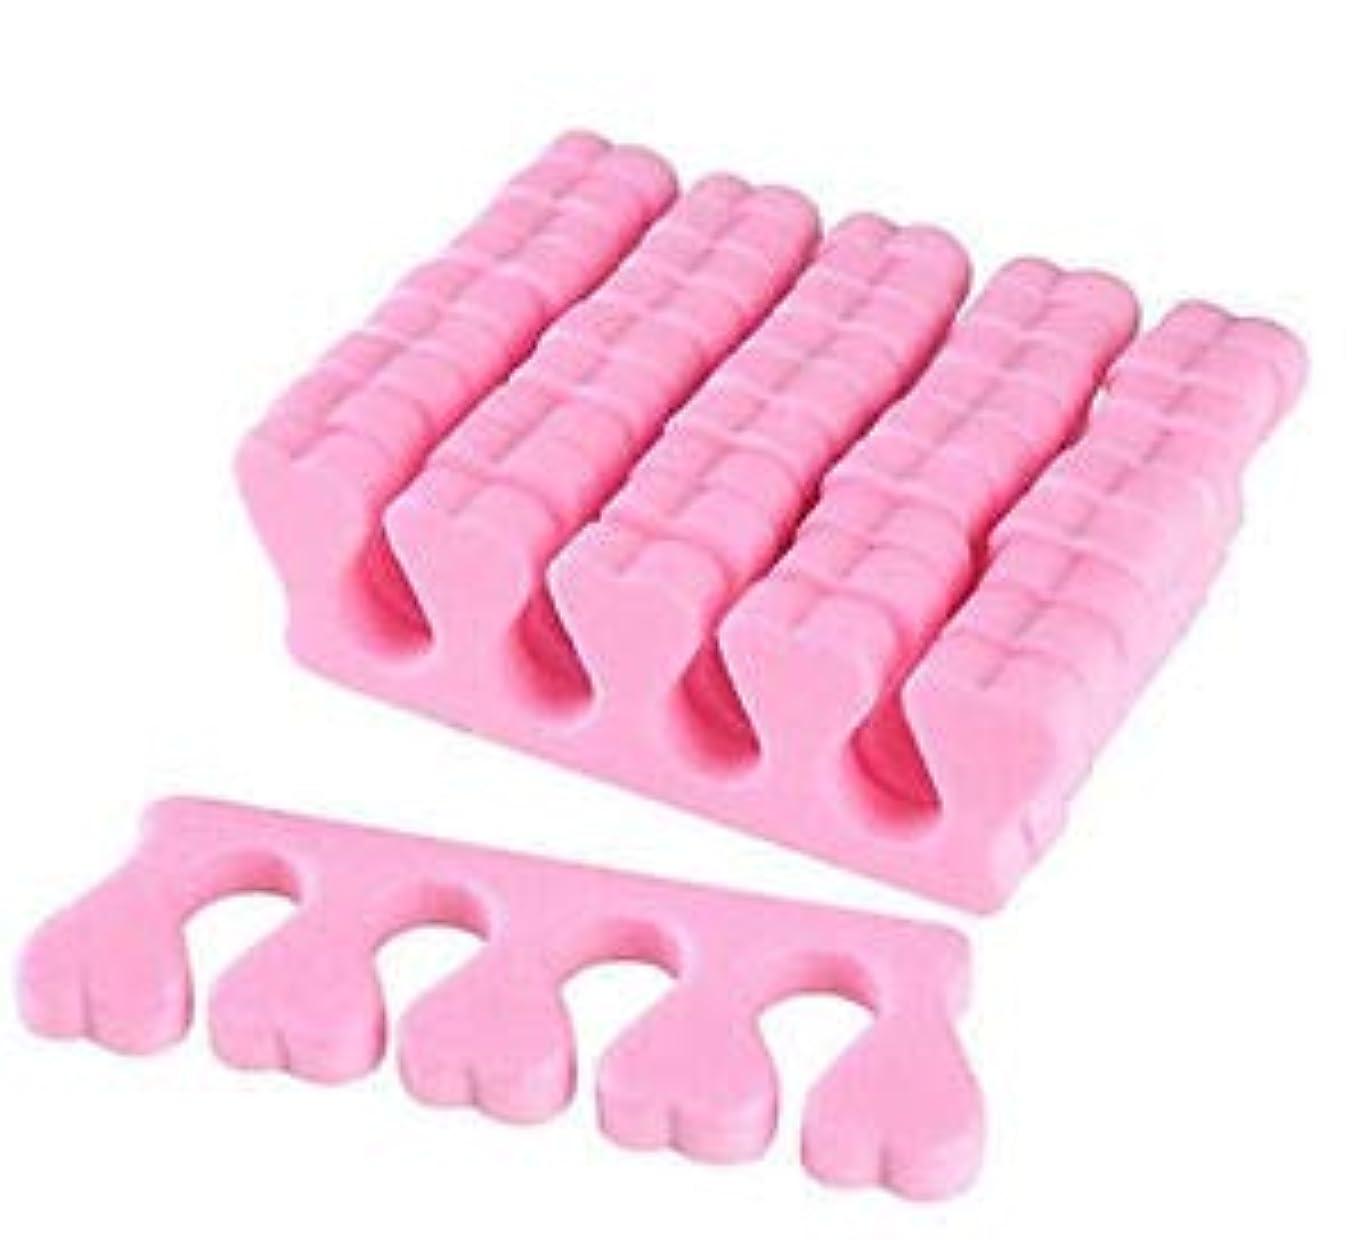 ネット昼寝効果つま先のセパレータ 足指セパレーター ネイル アート つま先区切り アートペディキュア マニキュア 爪切りセット ピンク 50ペアセット